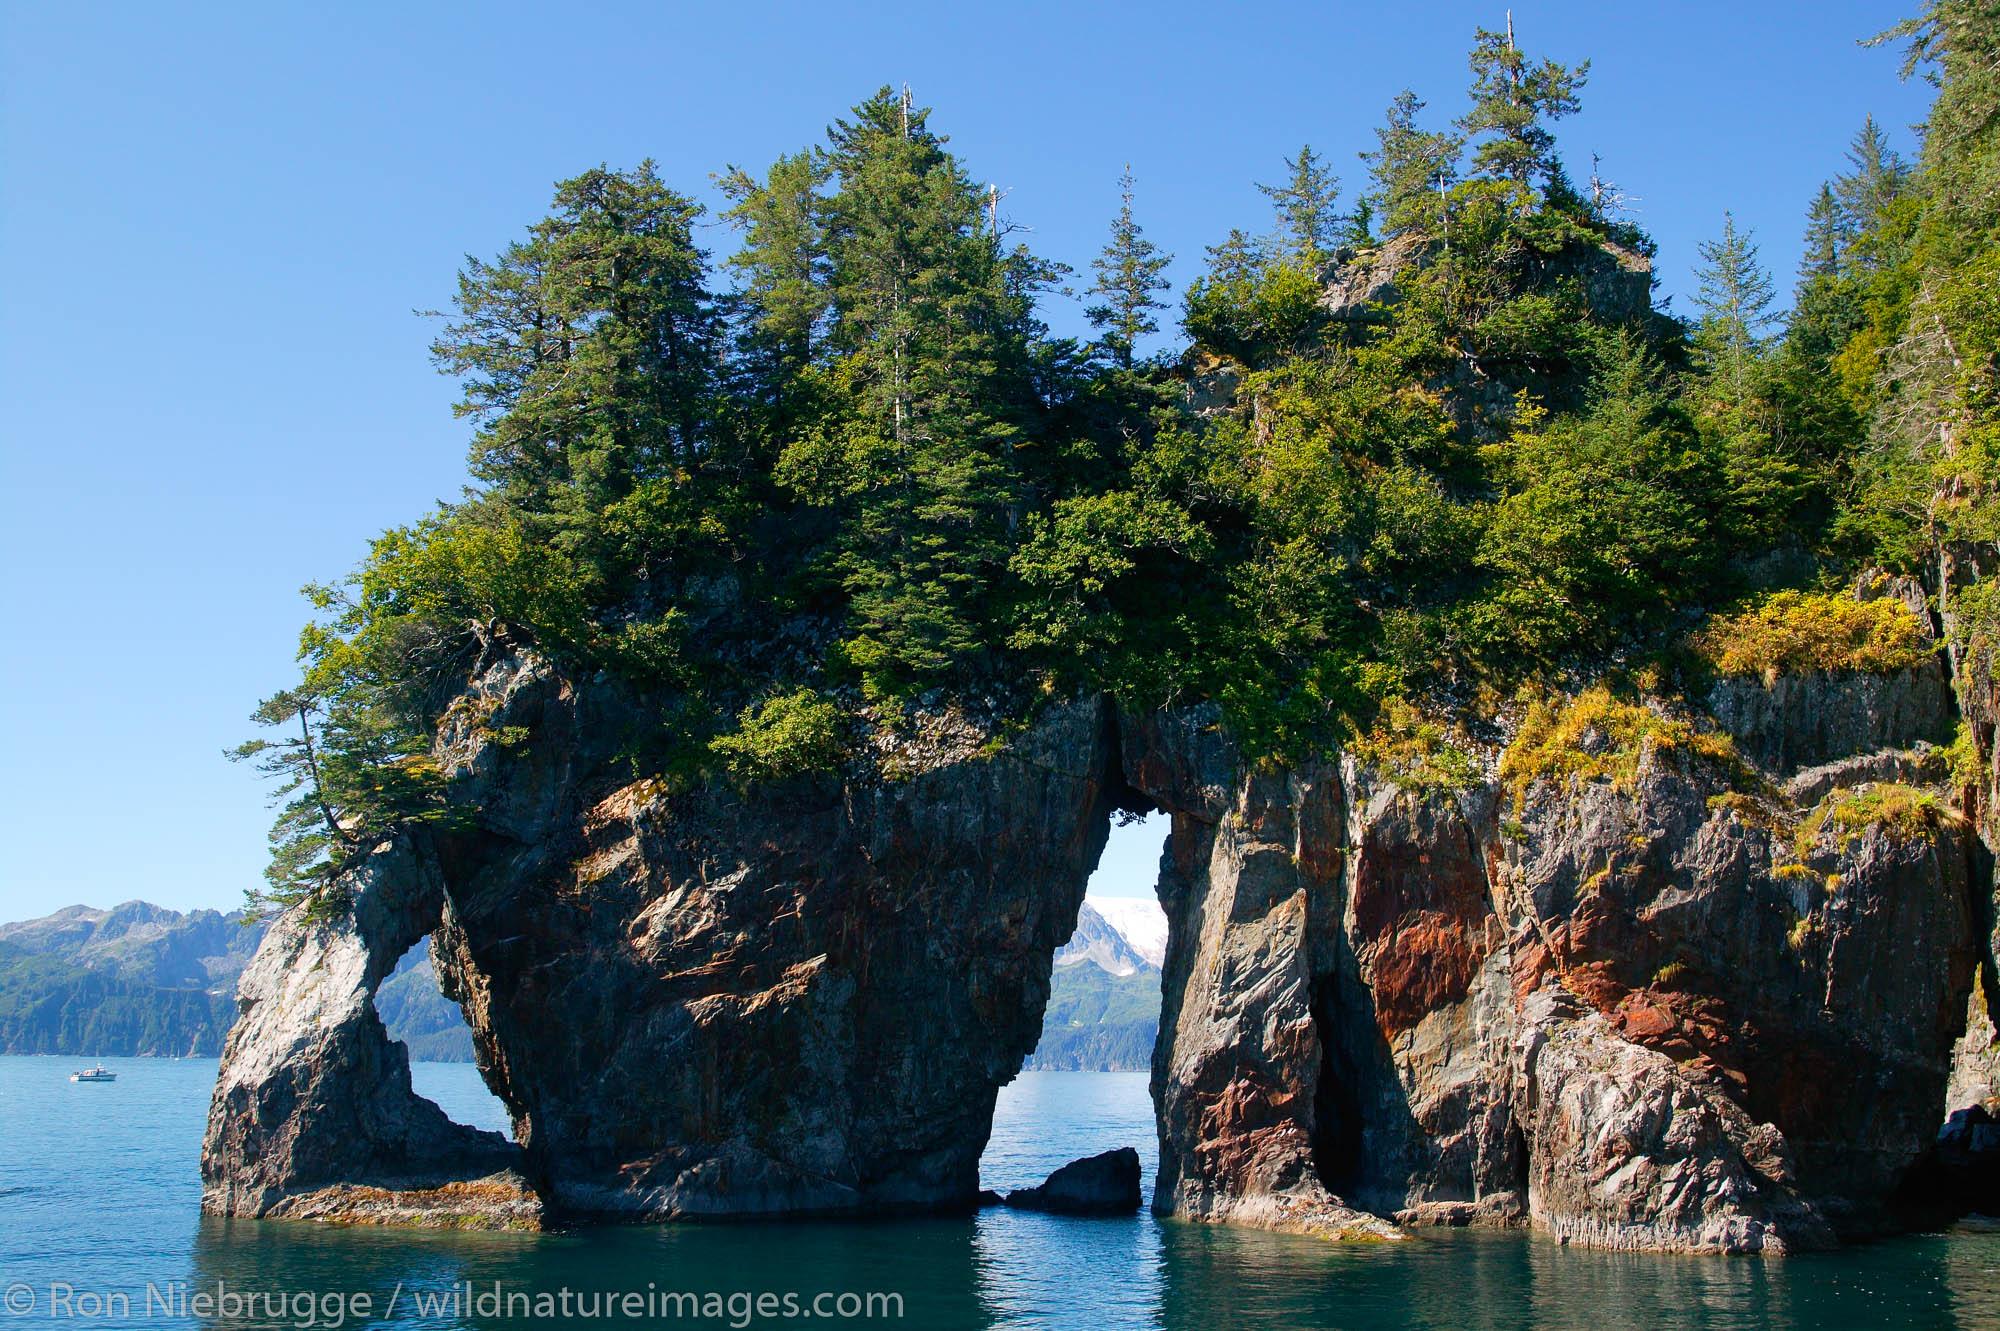 Three Hole Point at Three Hole Bay, Aialik Bay, Kenai Fjords National Park, Alaska.